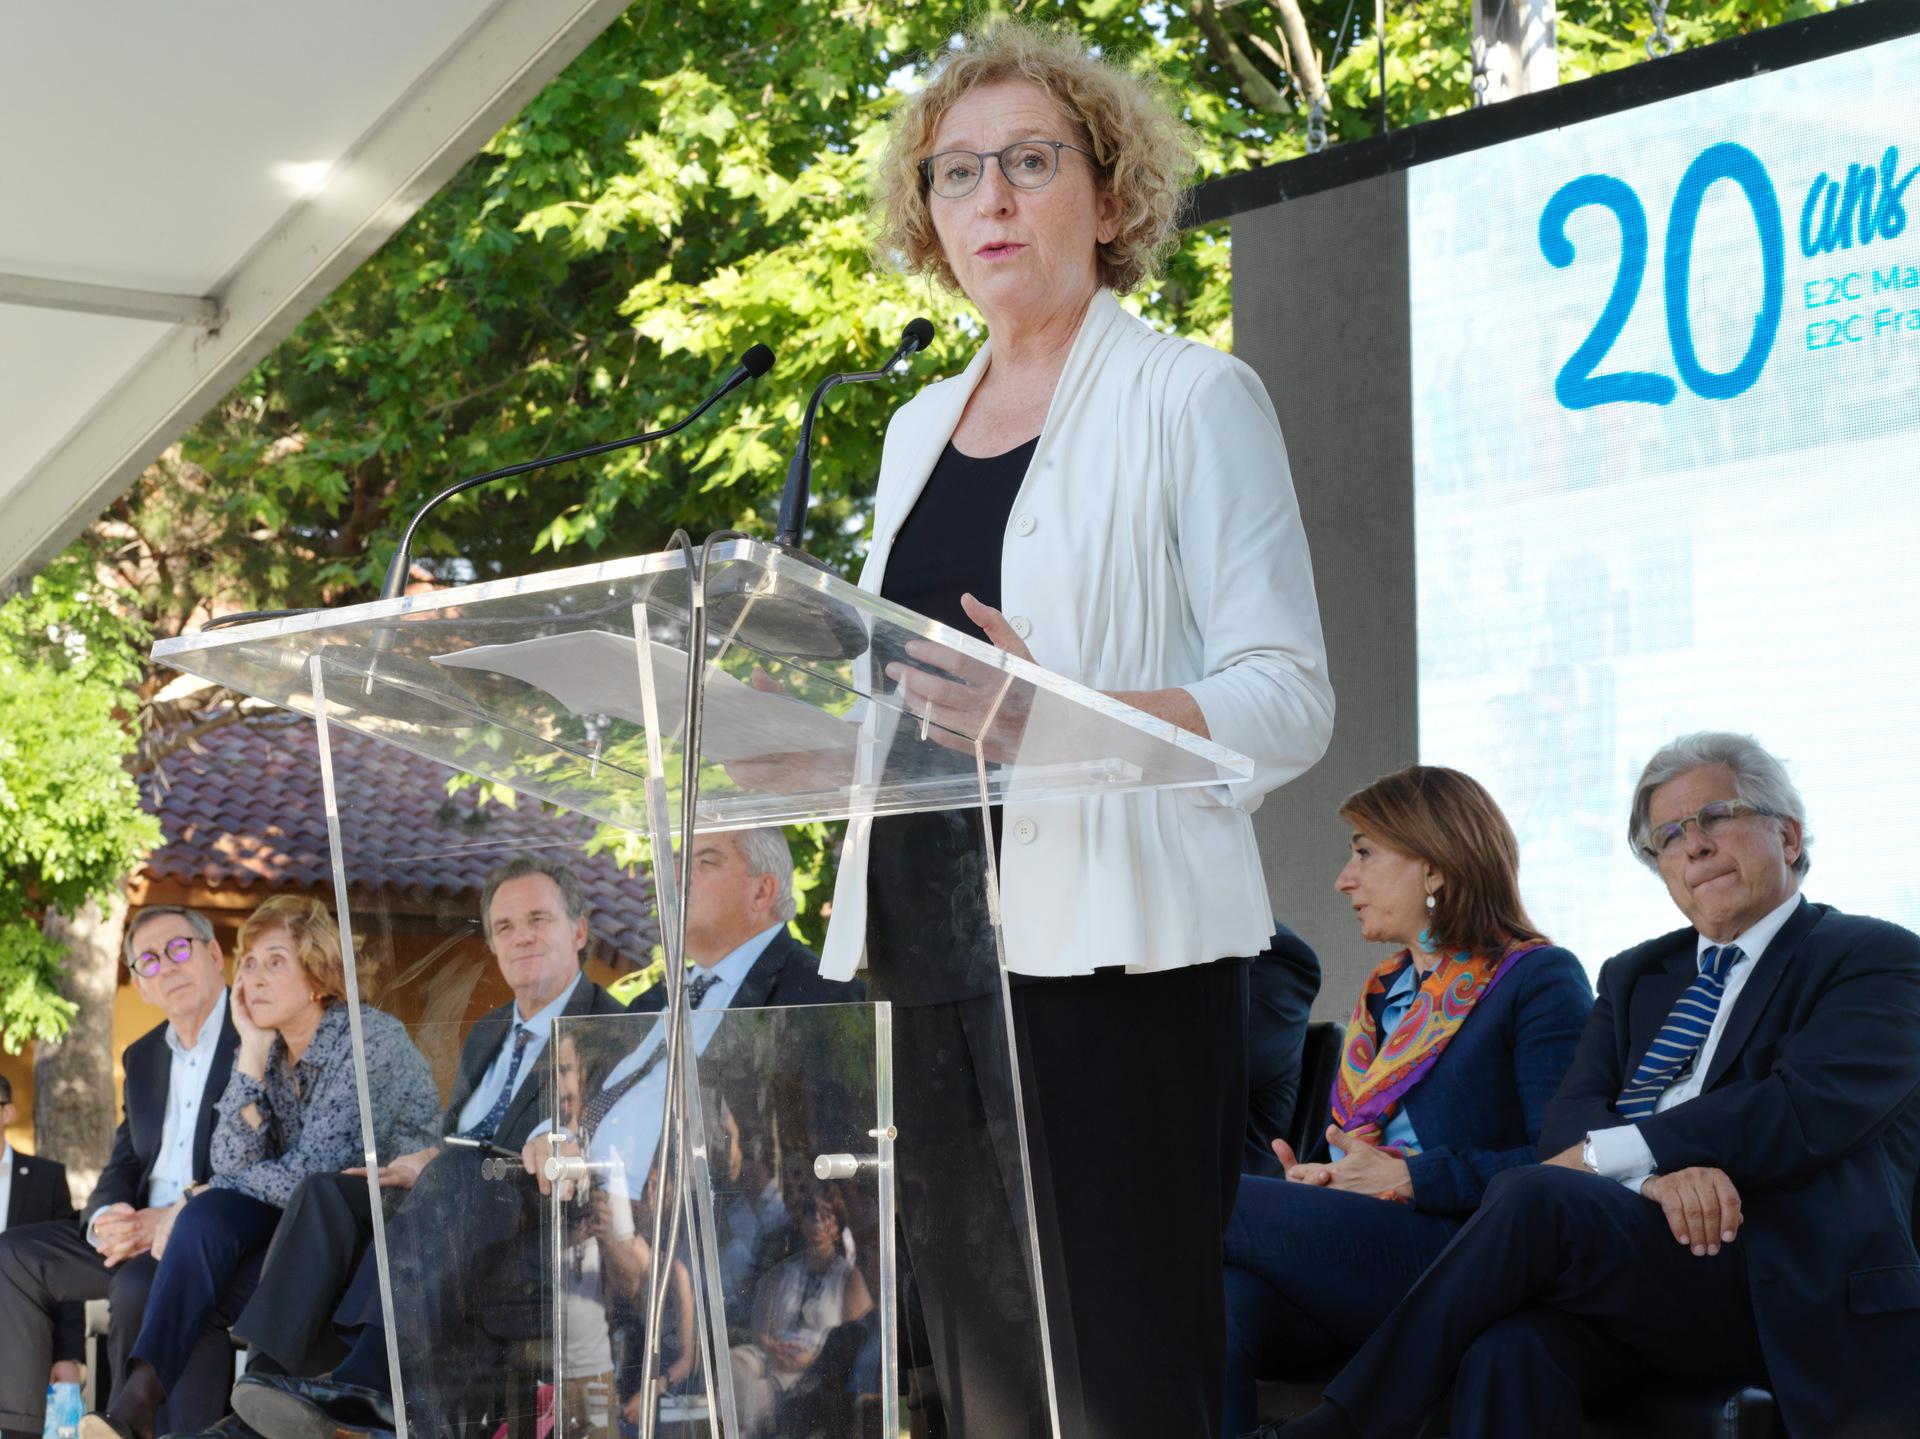 Discours de M.Penicaud pour les 20 ans du dispositif E2C France